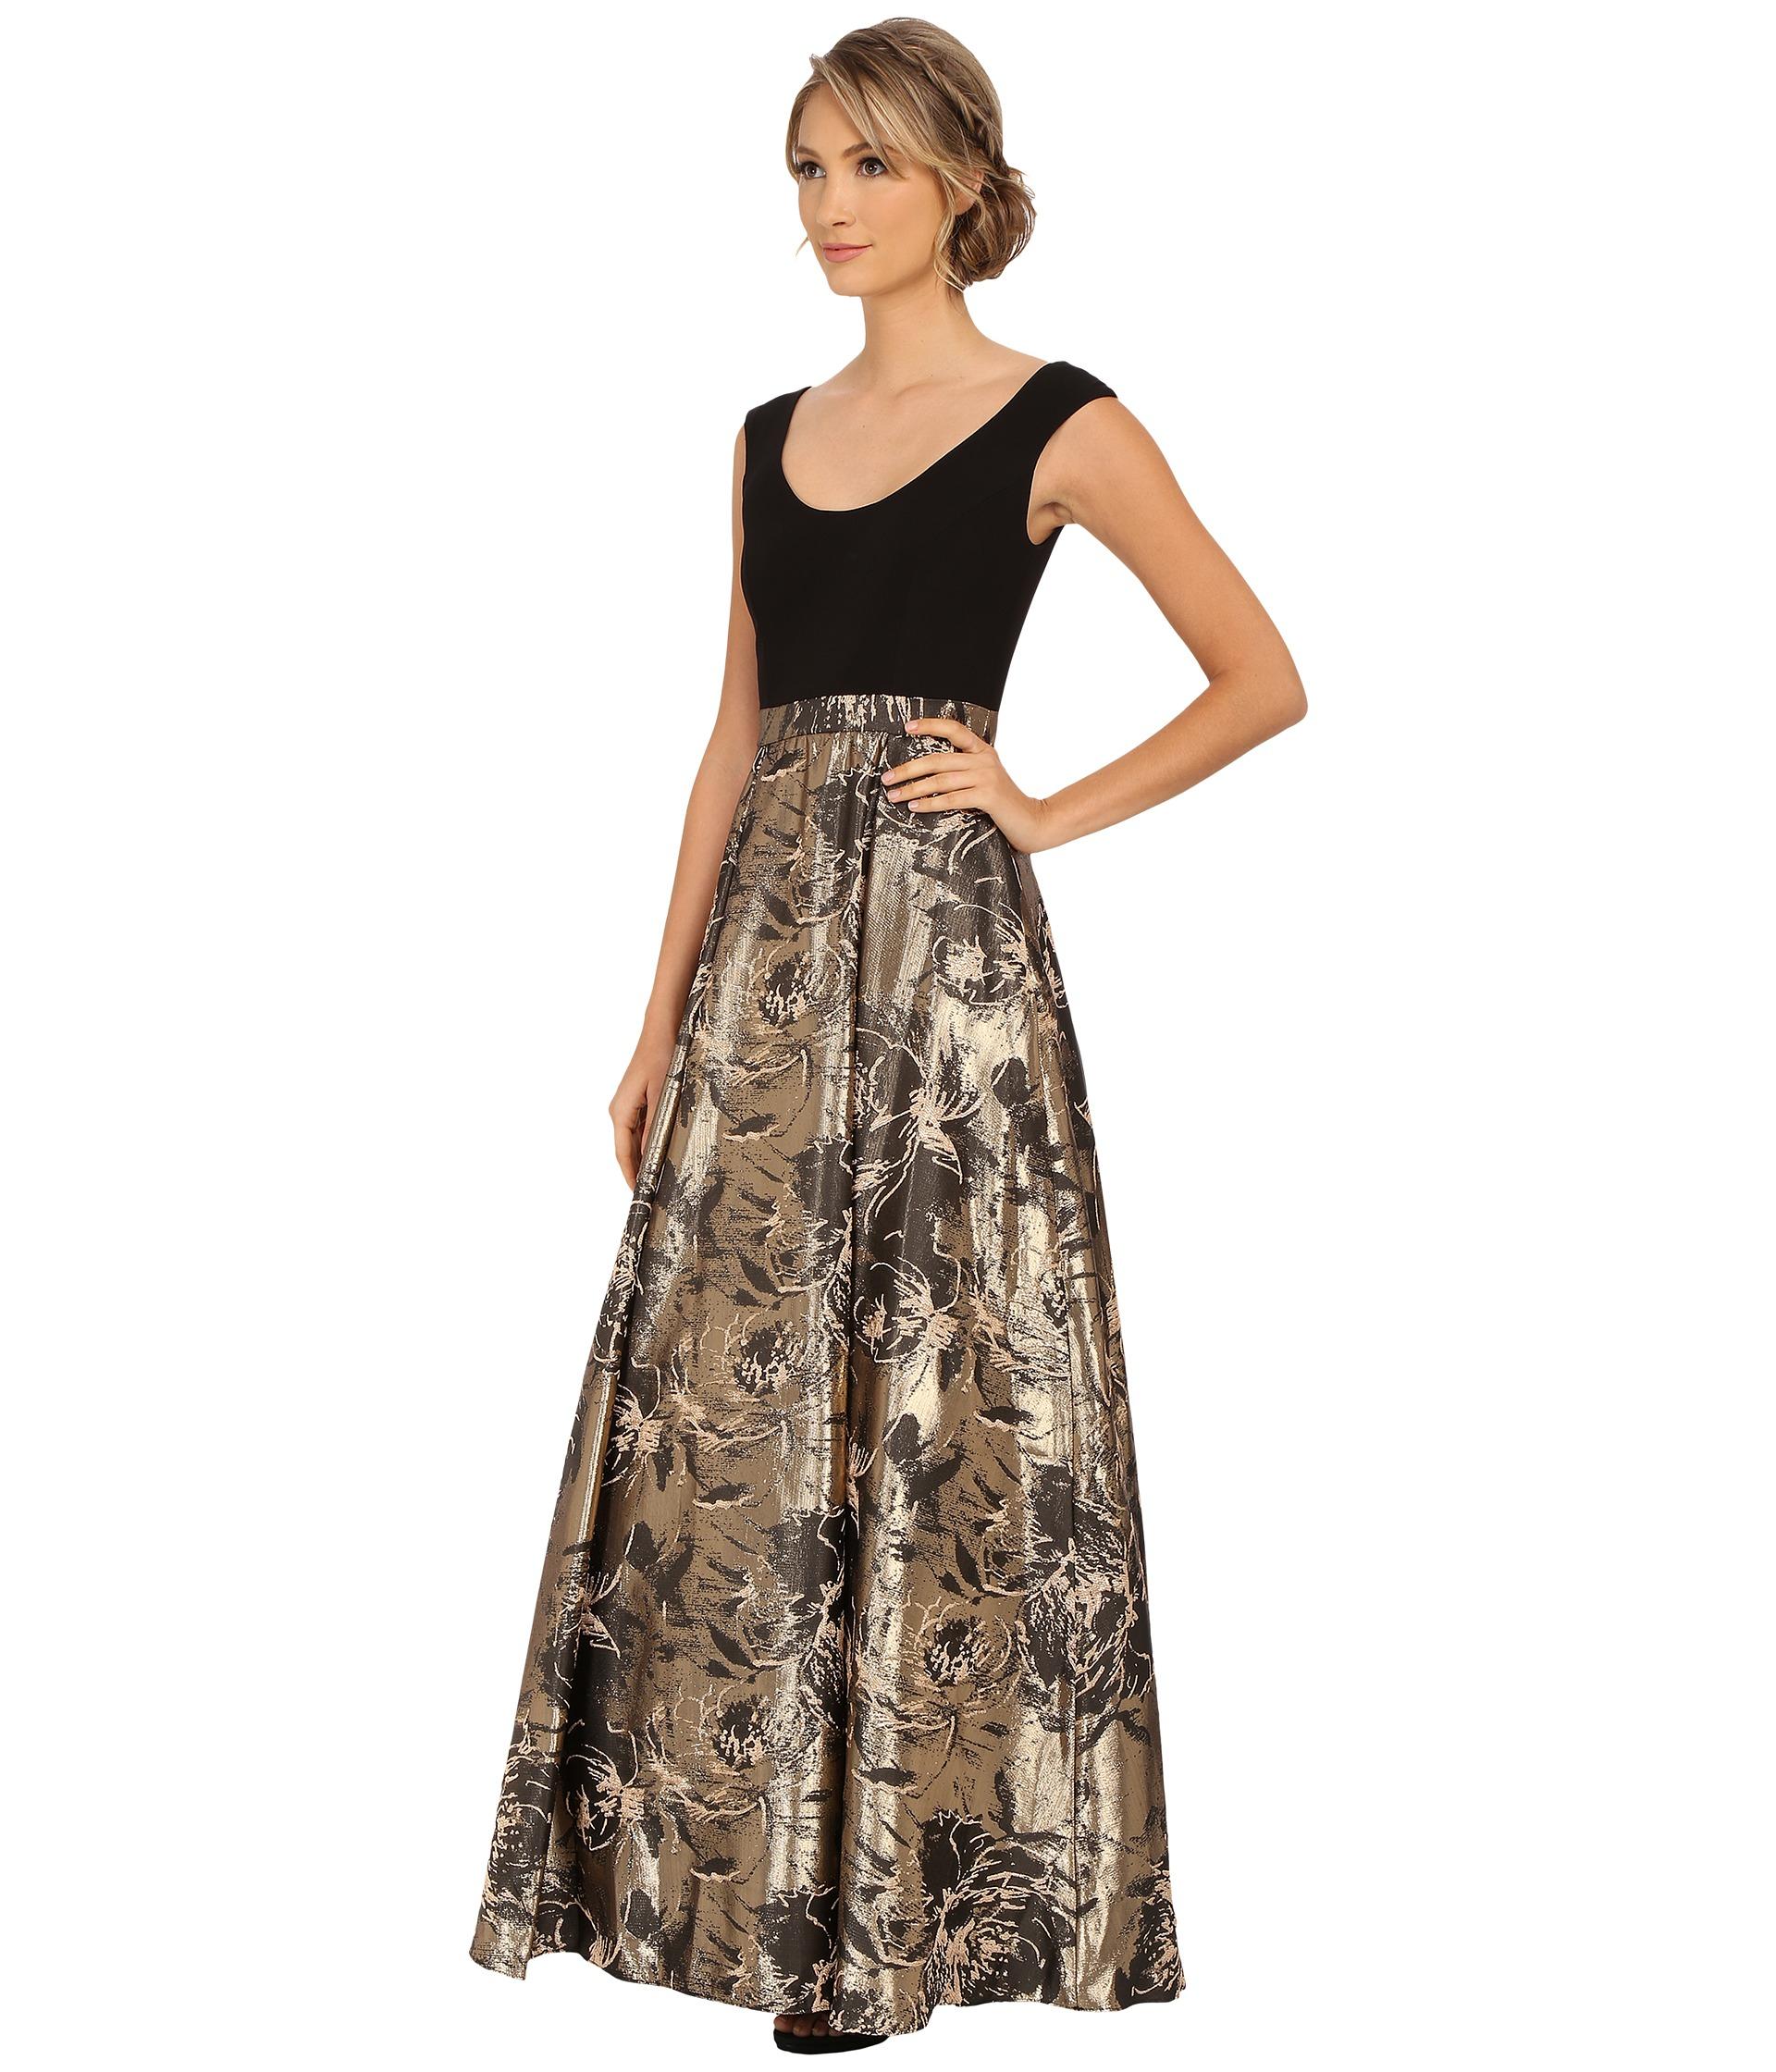 Lyst - Aidan Mattox Cap Sleeve Ballgown W/ Jacquard Foil Skirt in Black